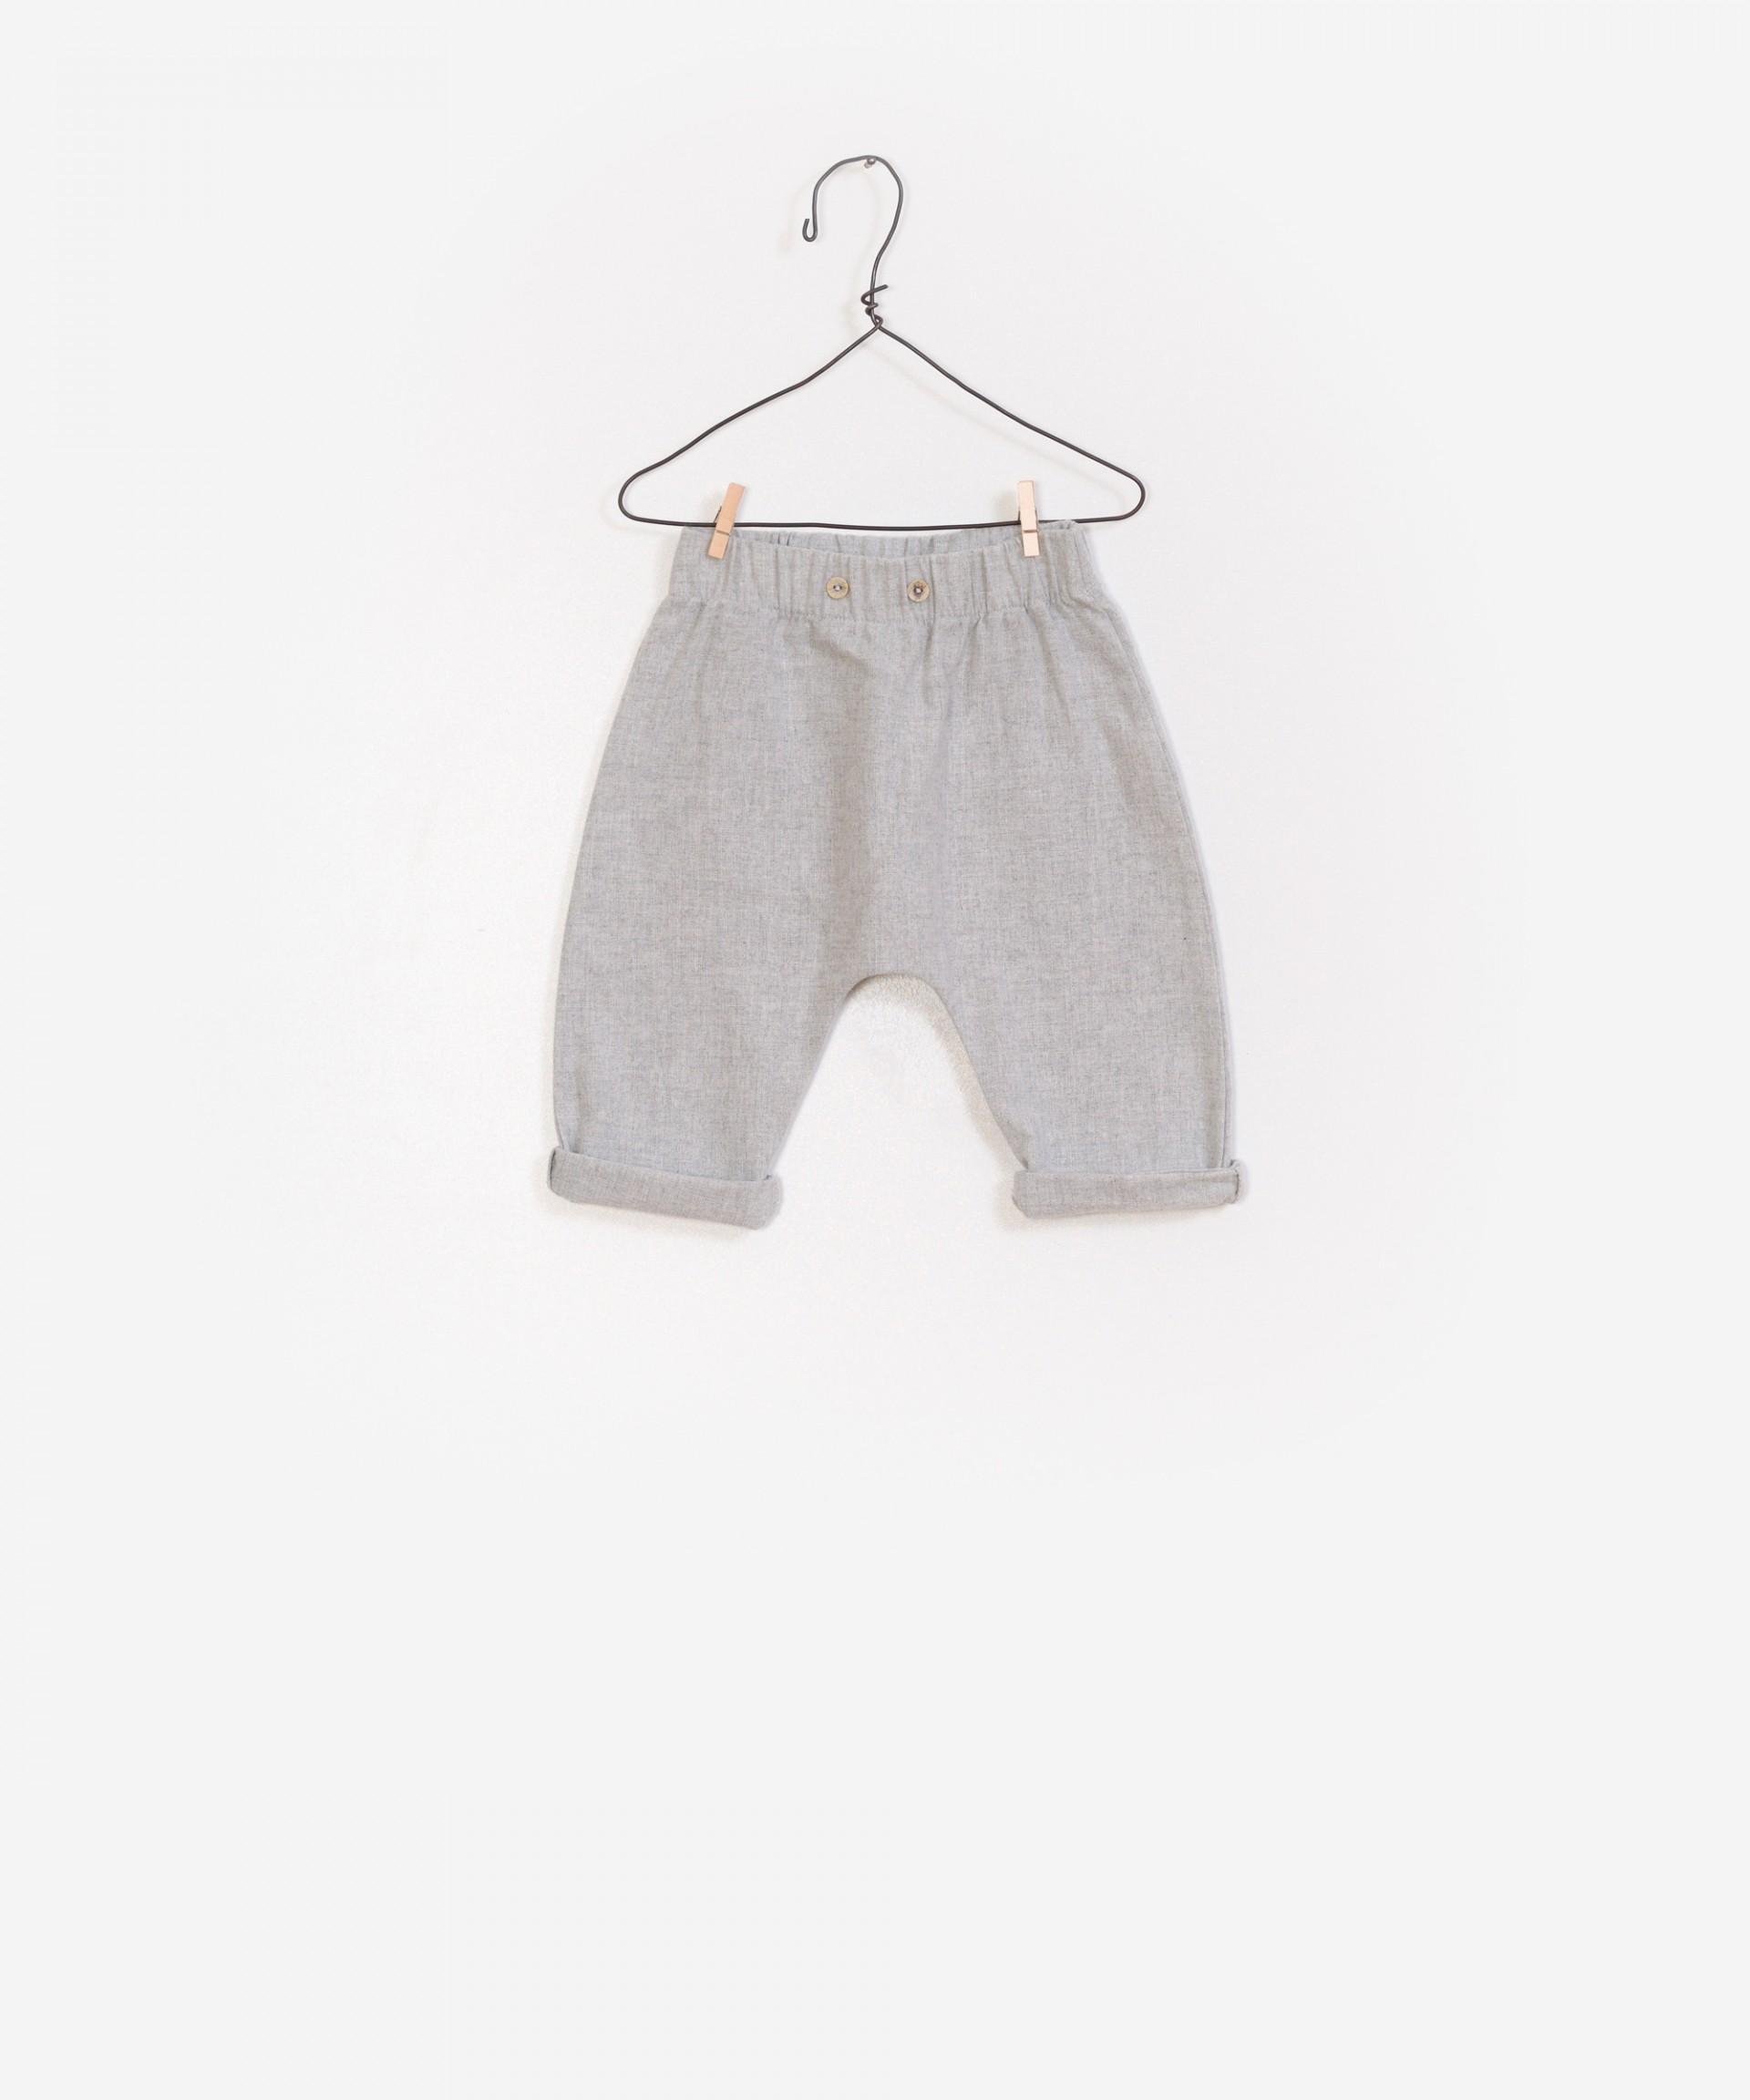 Pantalón plano en tejido reciclado.